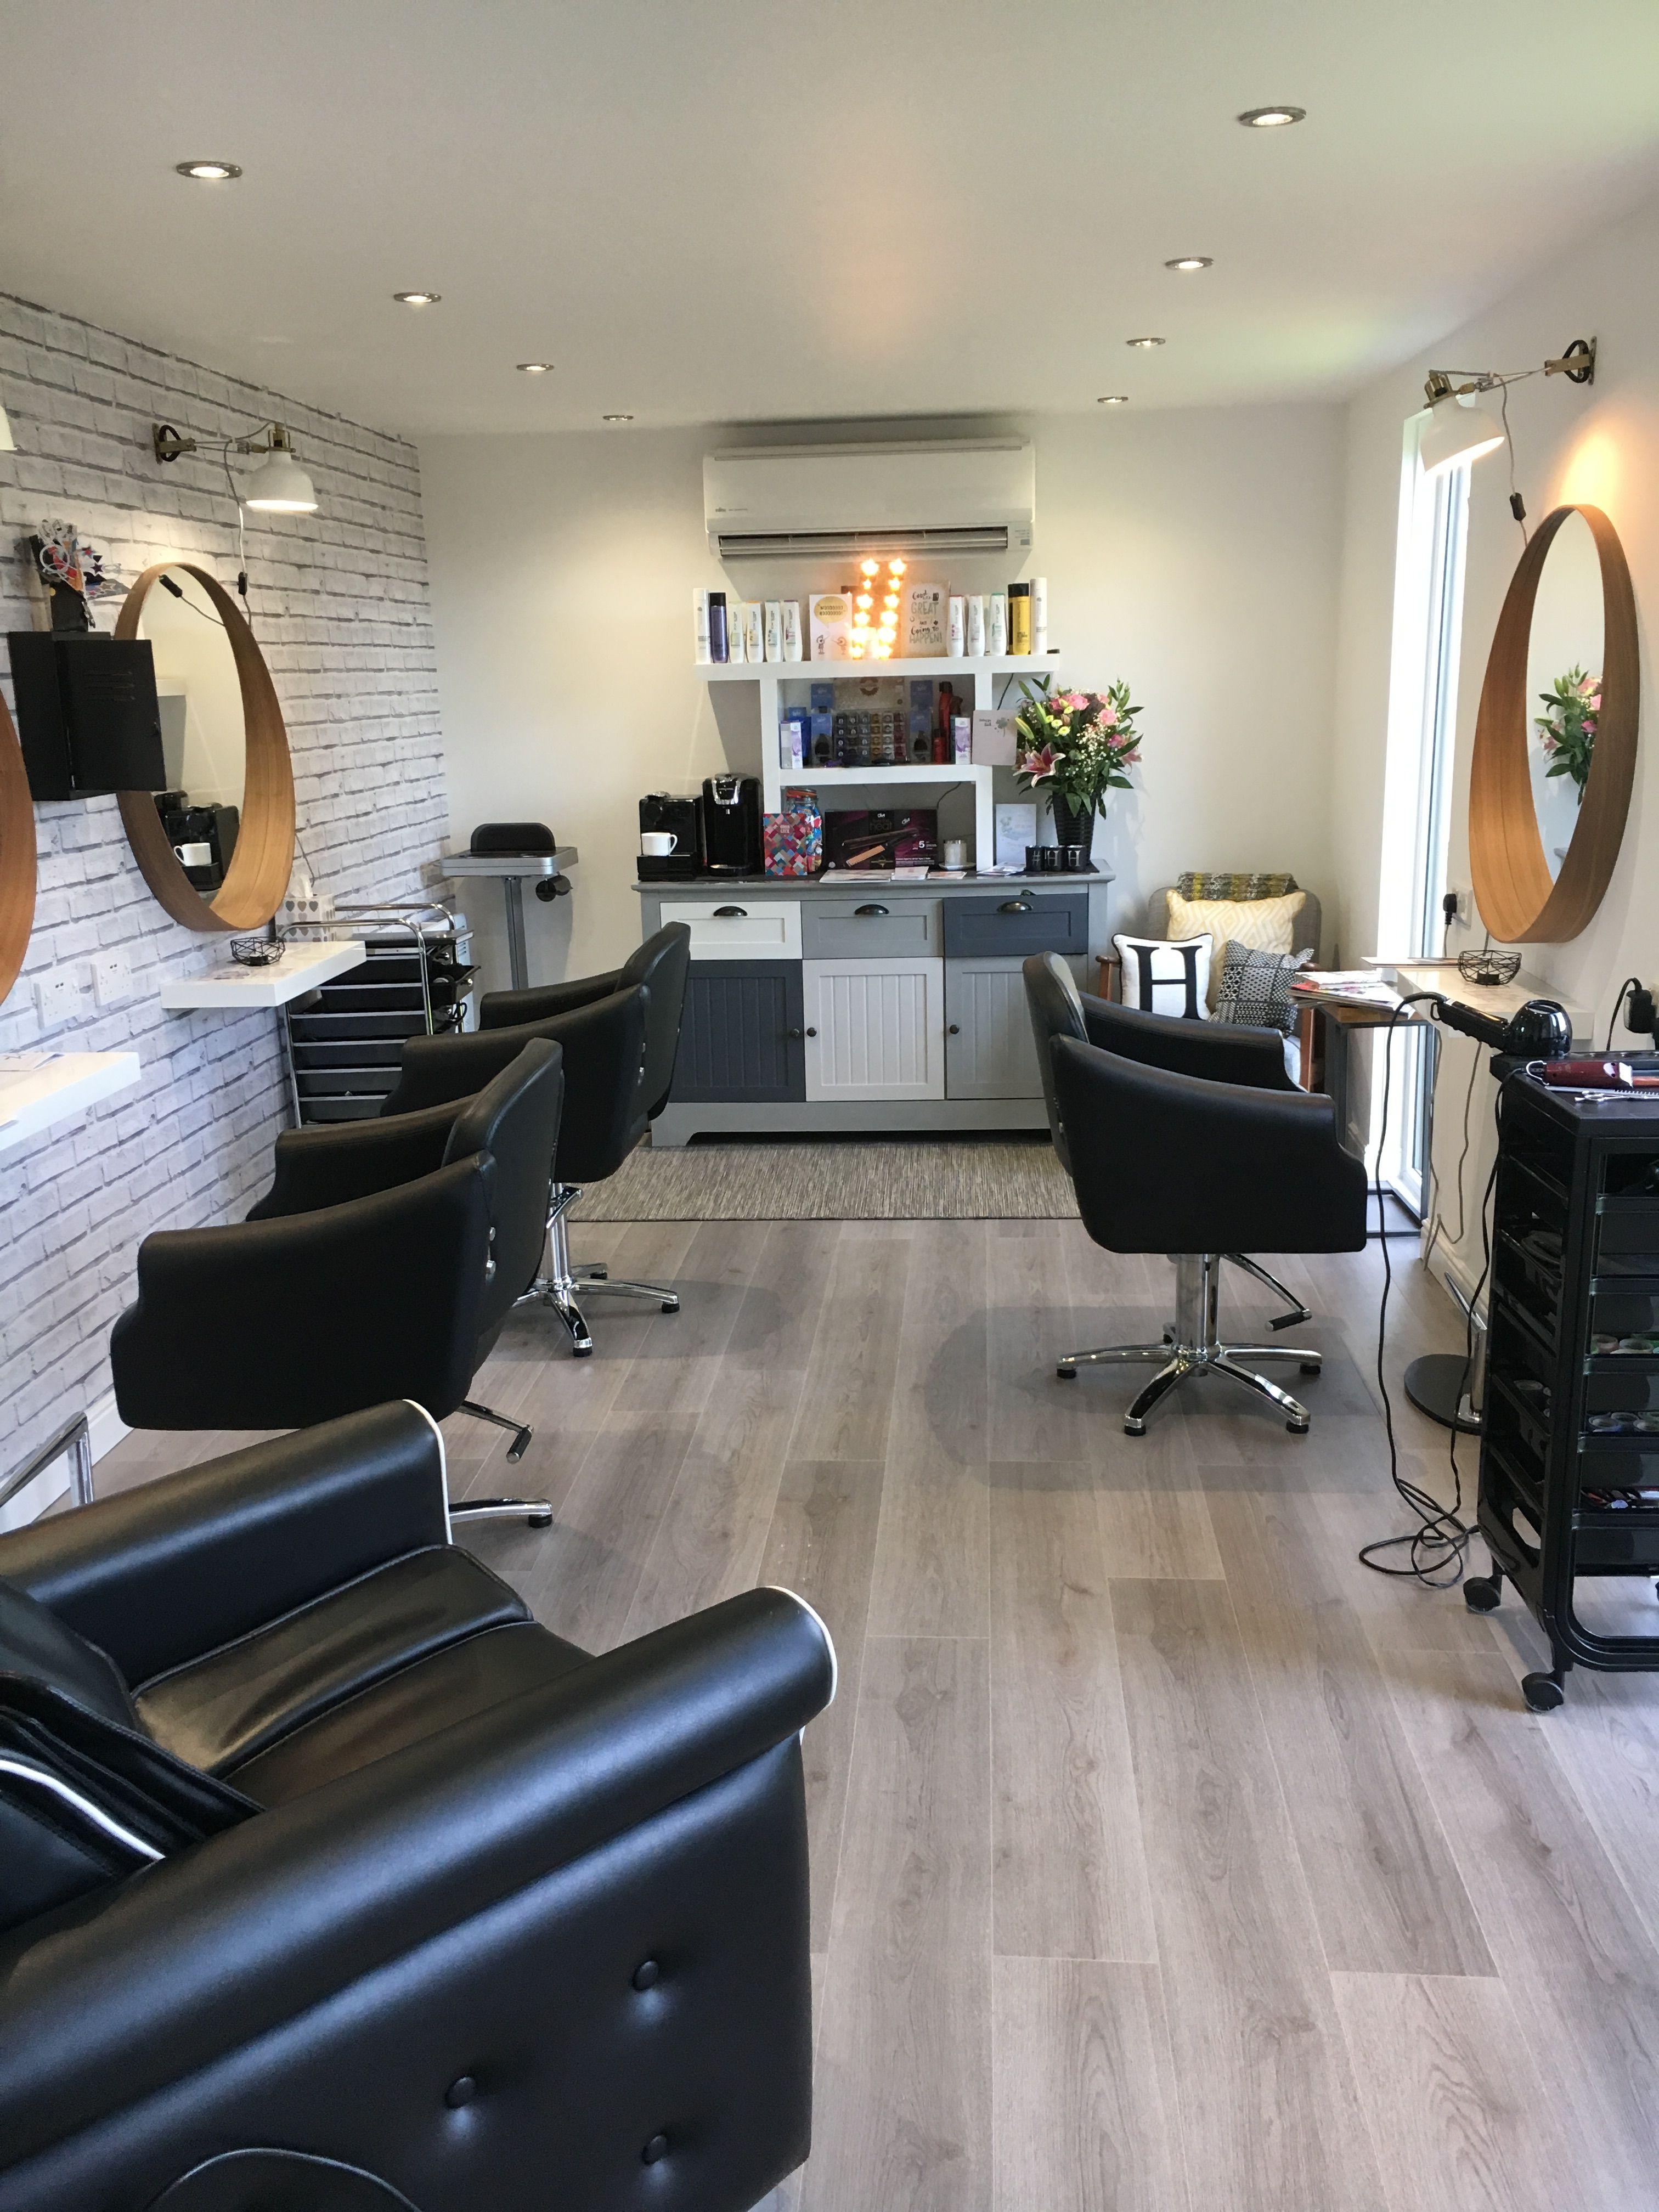 Home hair salon. Hair cabin, HiltonHair.com. home salon (con